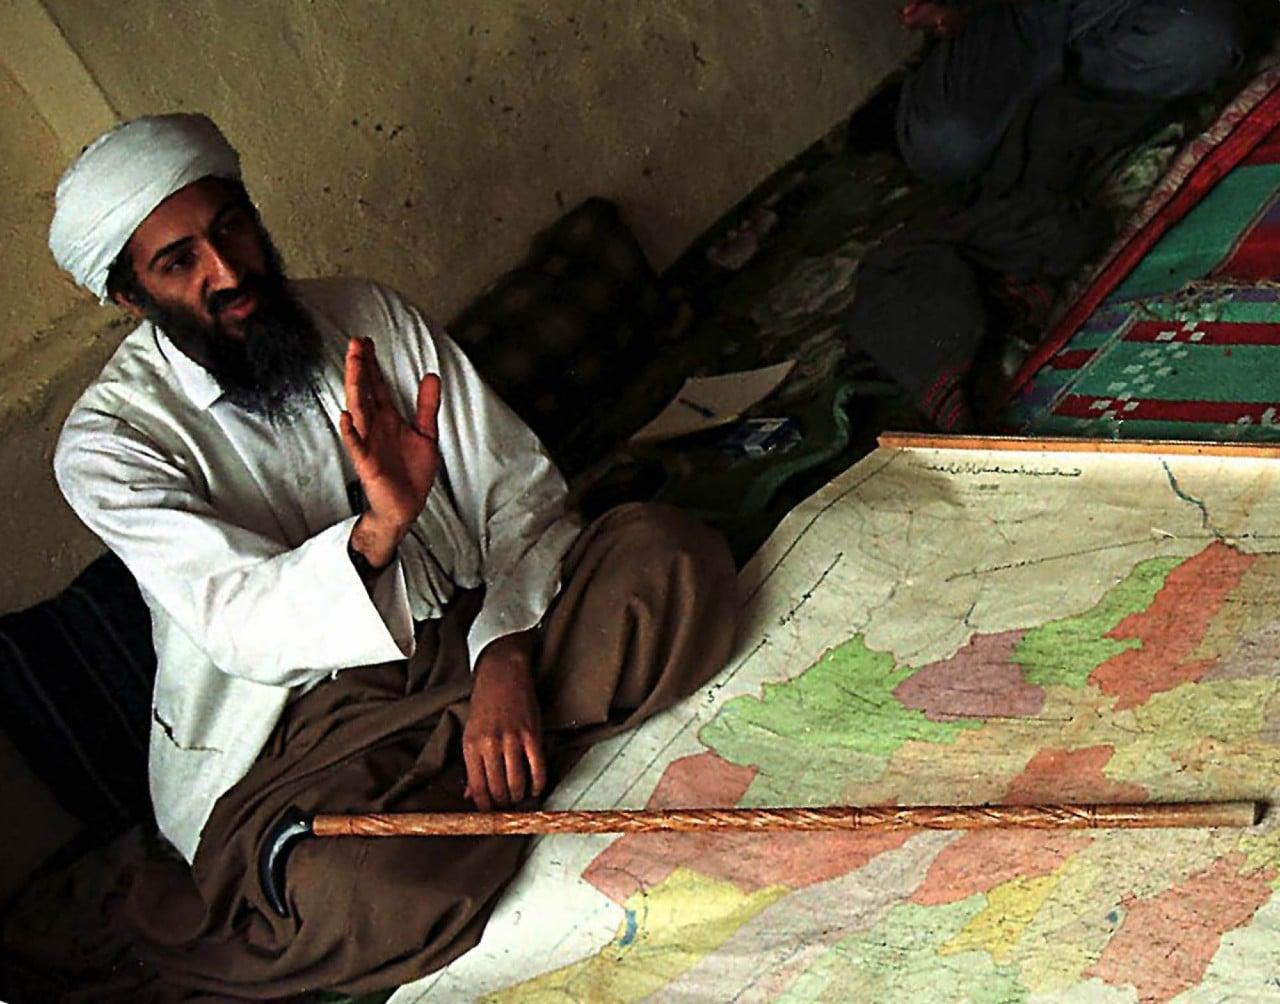 Afganistán, Osama bin Laden, George W Bush, 11 de septiembre, atentados terroristas, collage